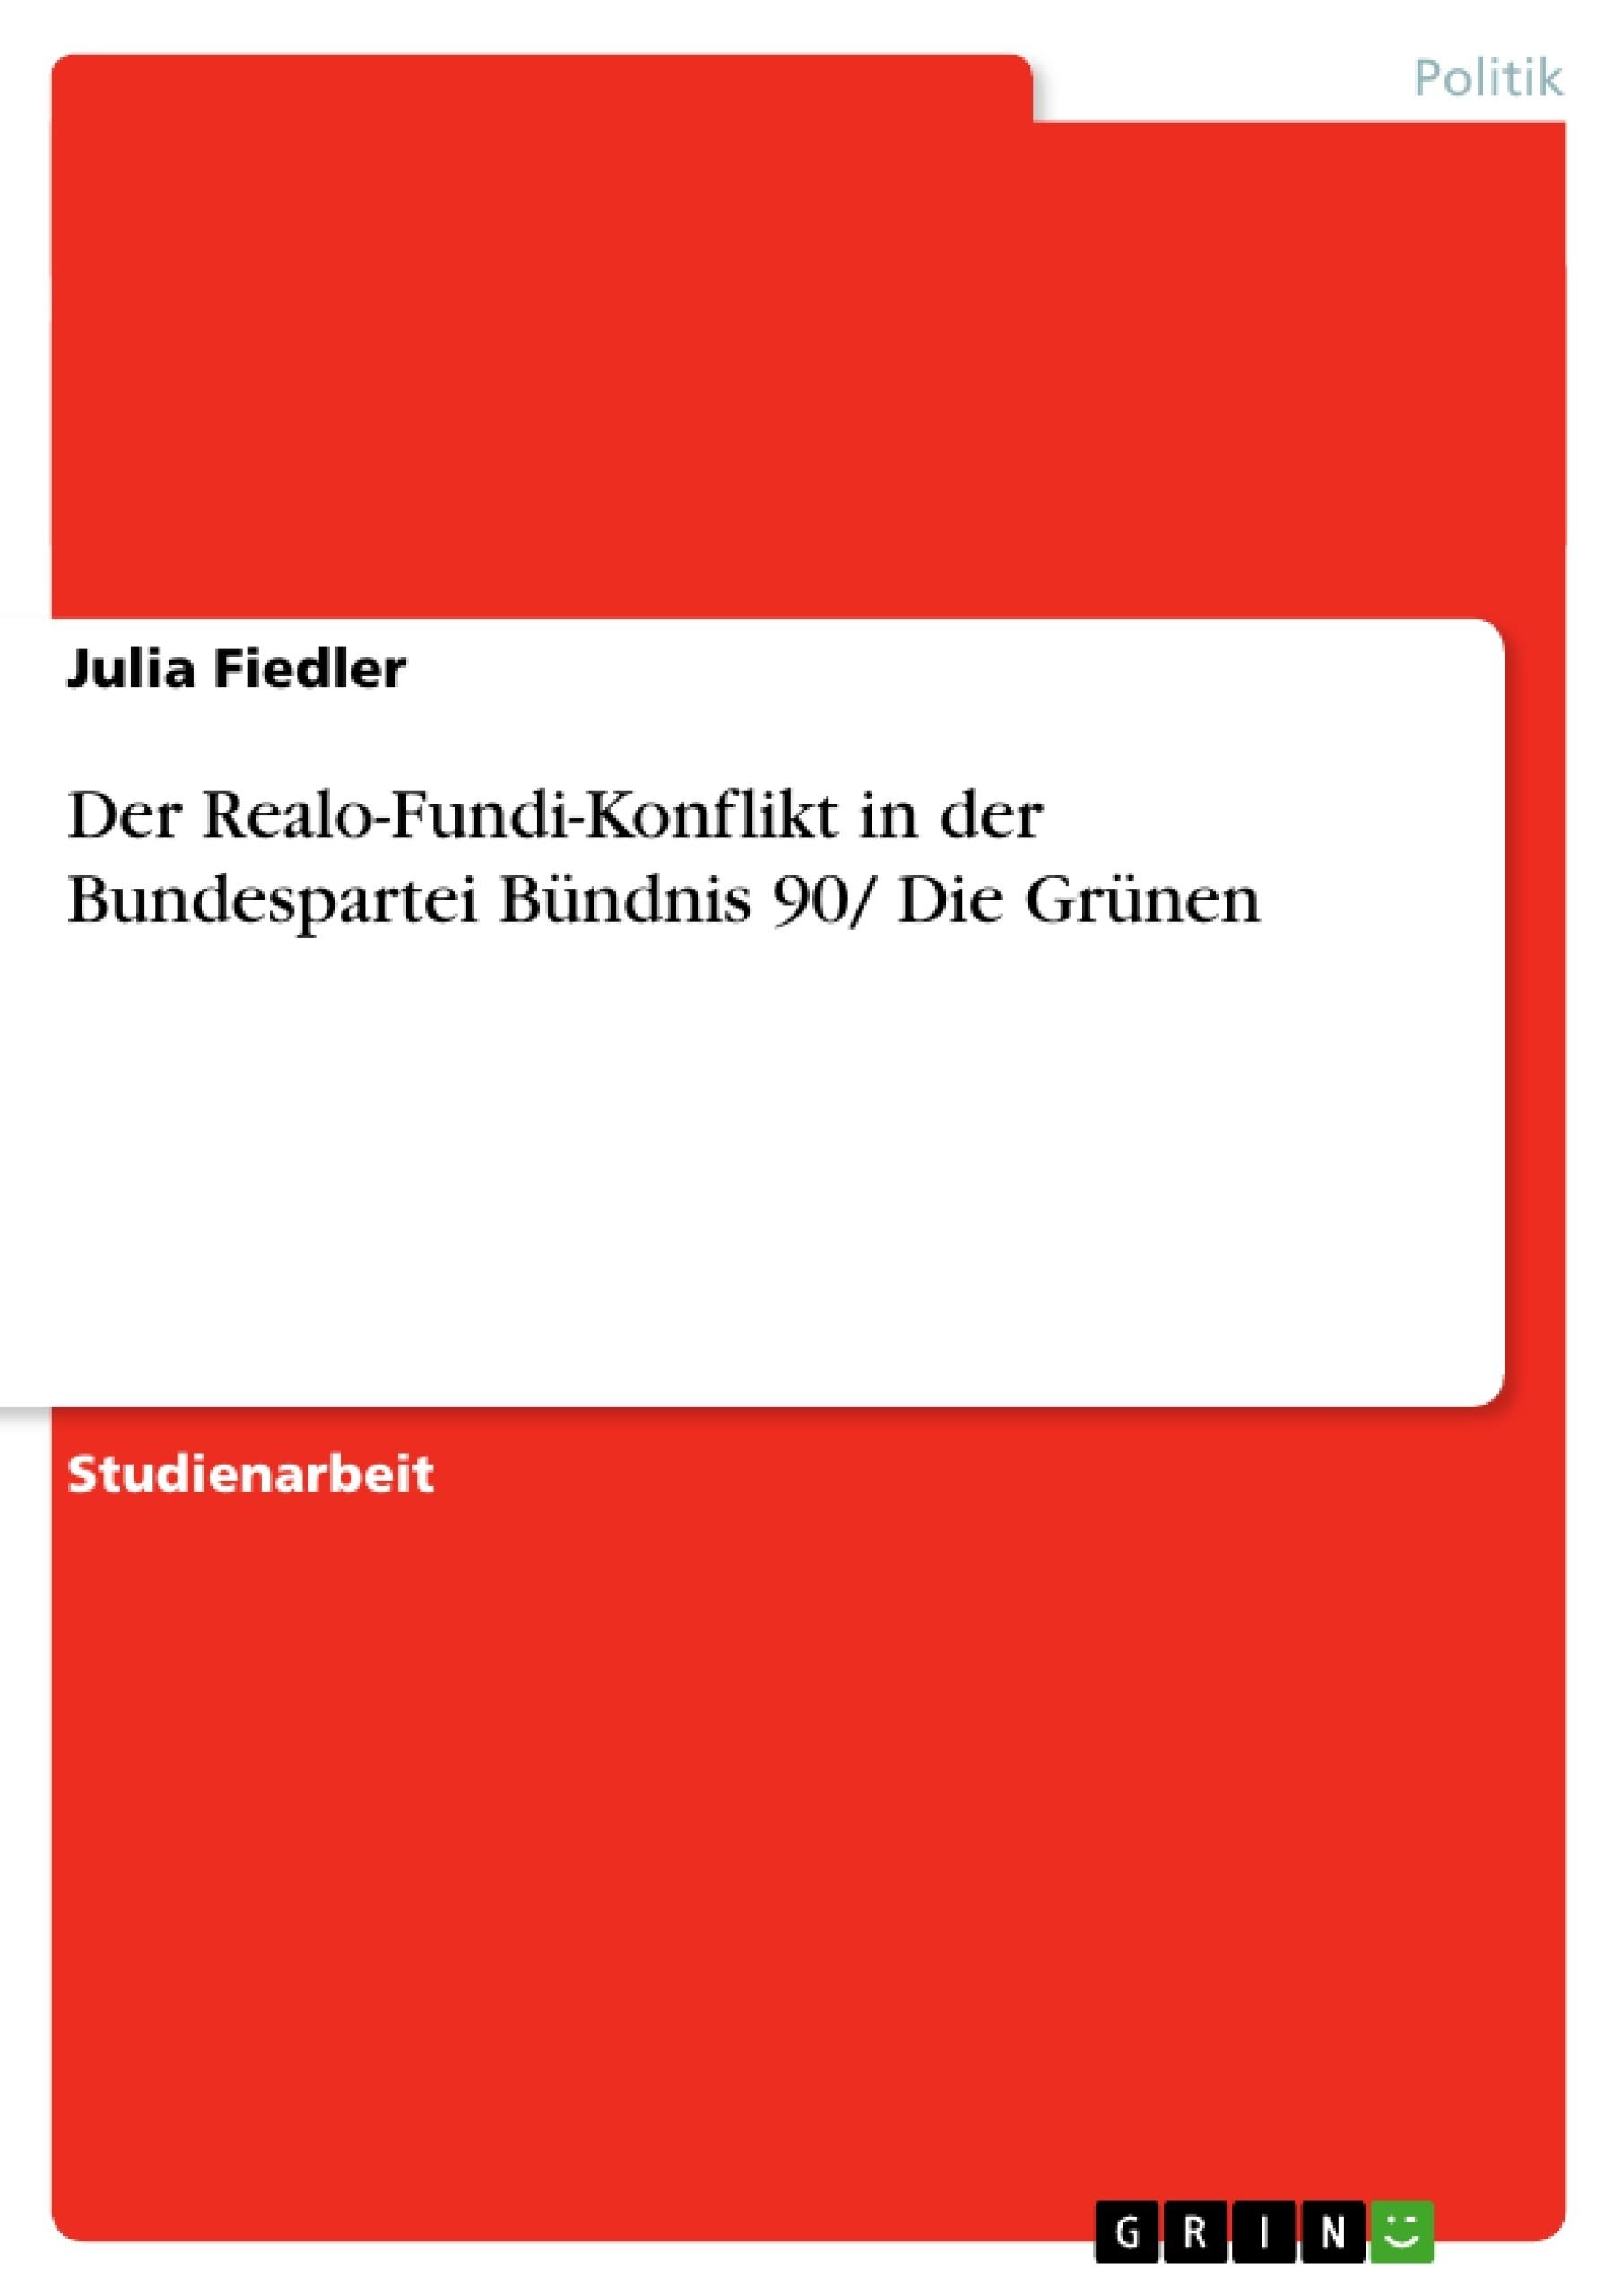 Titel: Der Realo-Fundi-Konflikt in der Bundespartei Bündnis 90/ Die Grünen